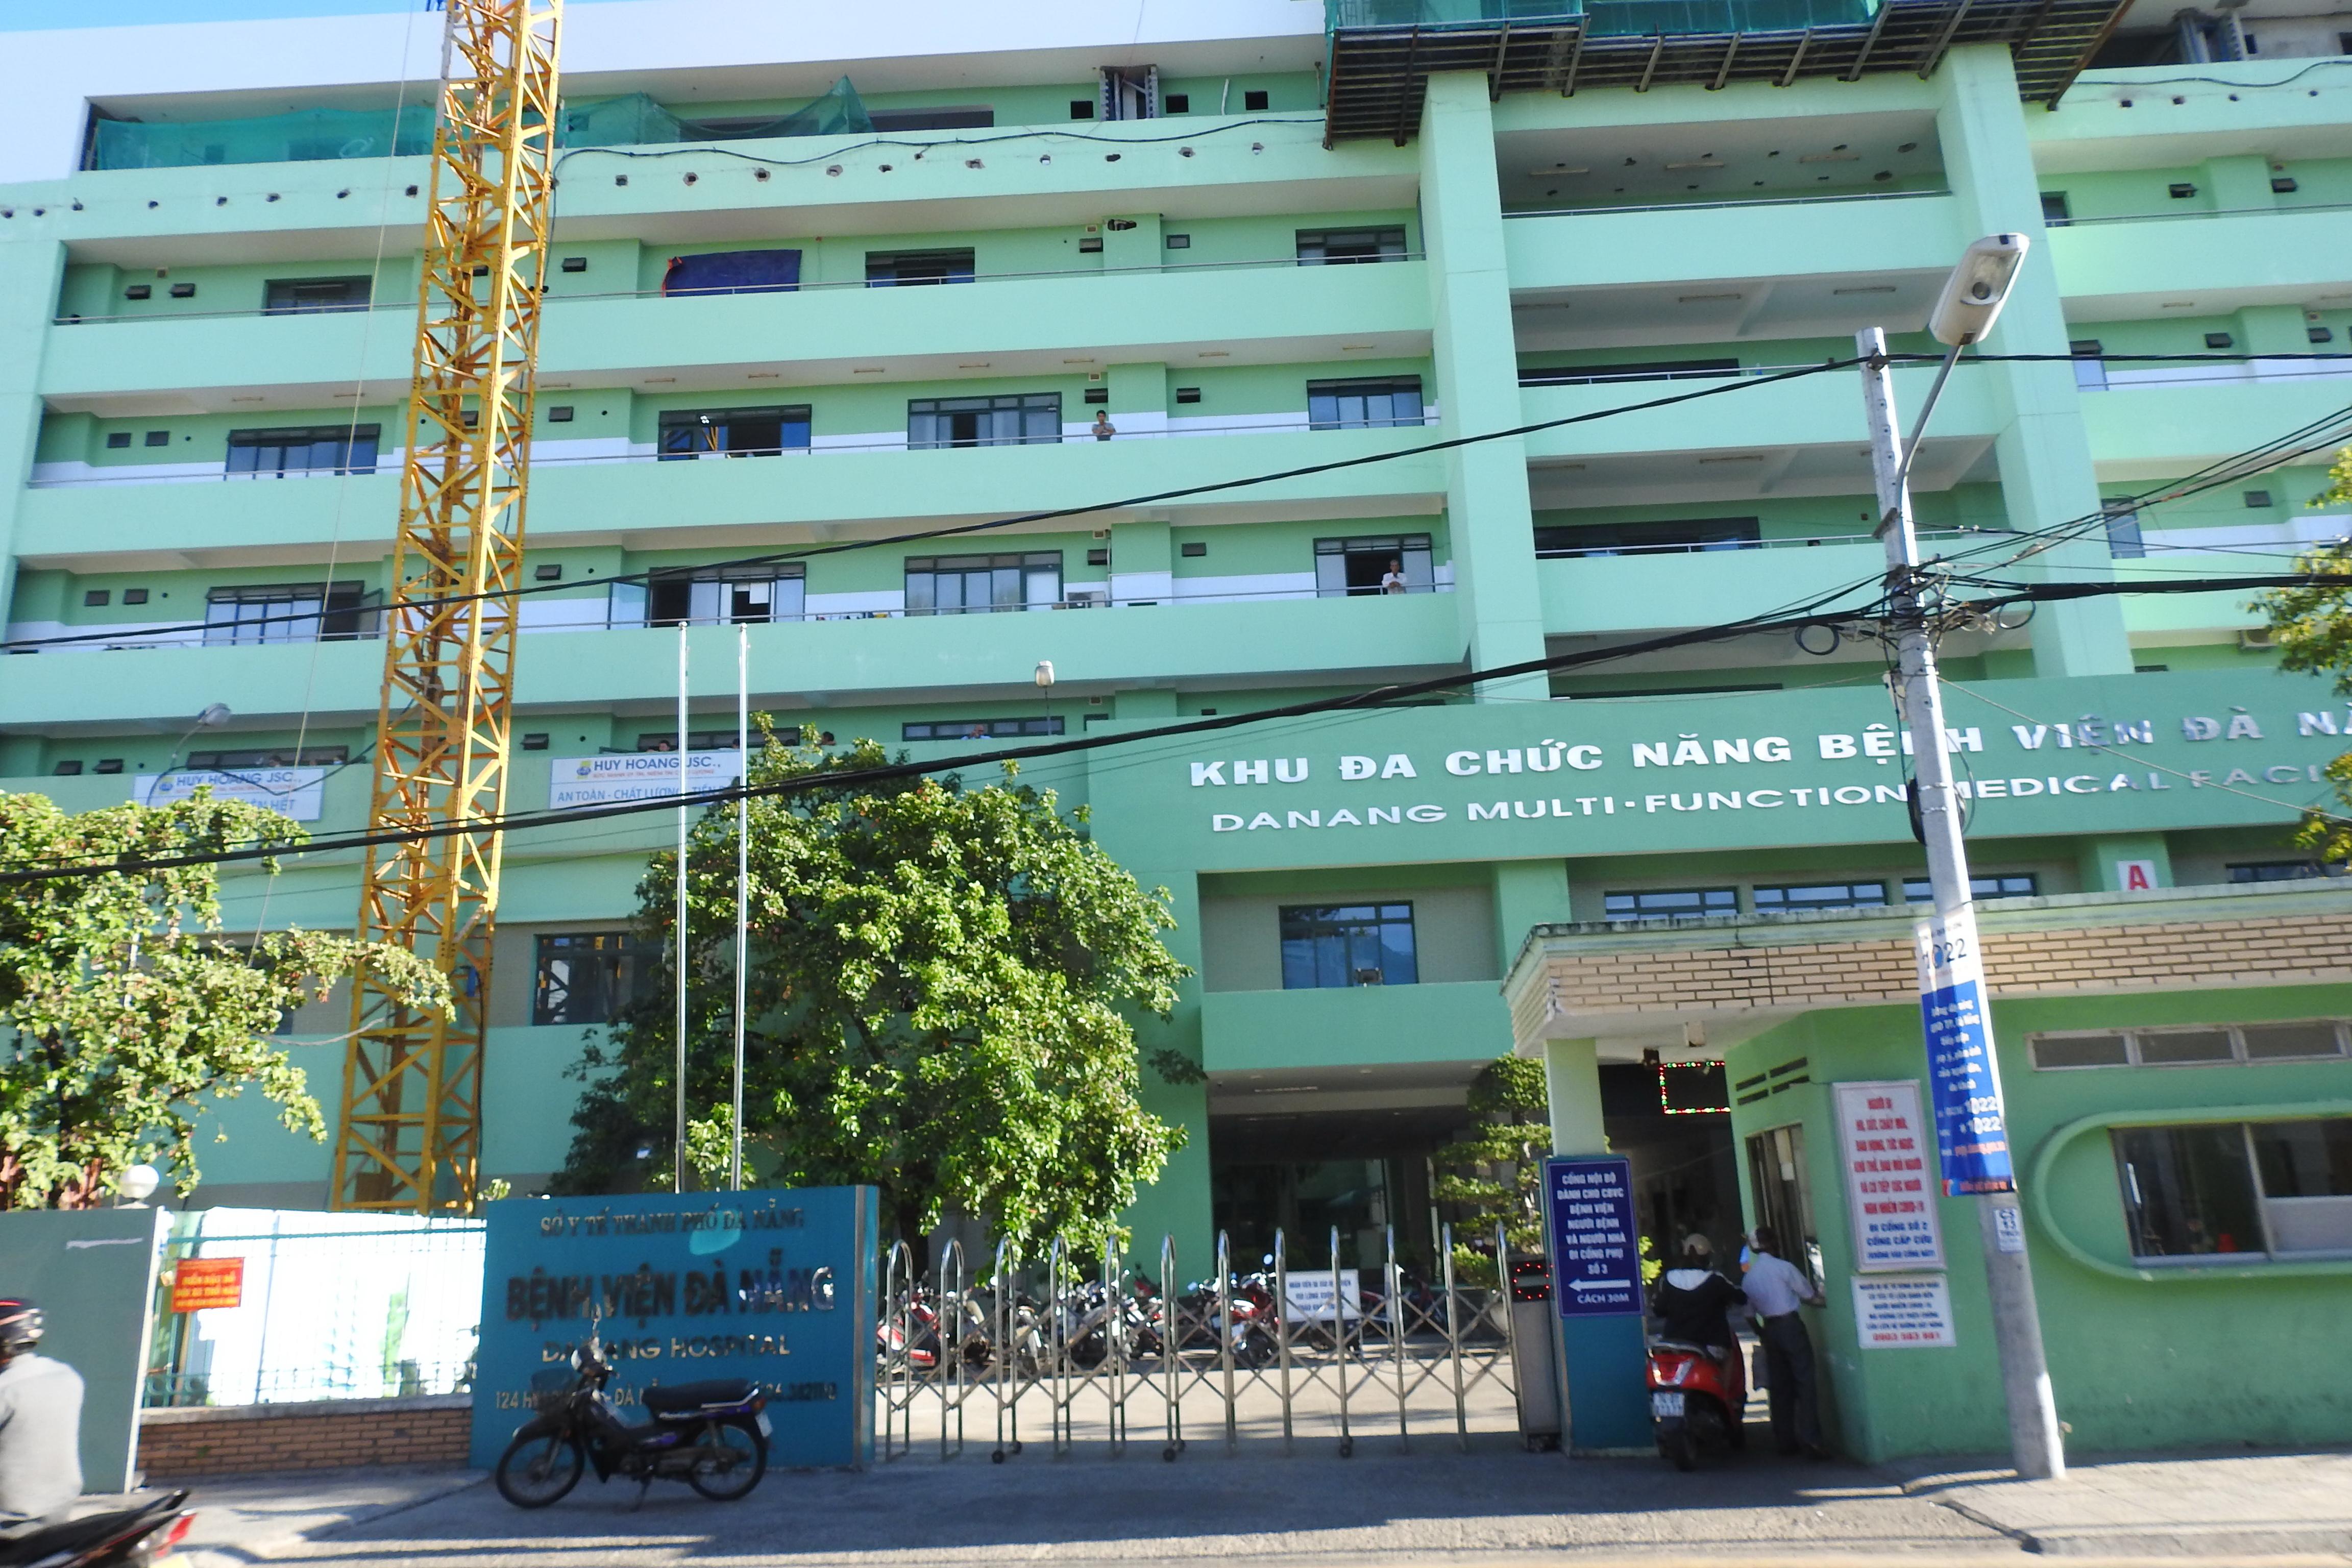 Bệnh viện Đà Nẵng đã hoàn tất tiêu độc khử trùng sẵn sàng trở lại điều trị Ảnh Thanh Tùng